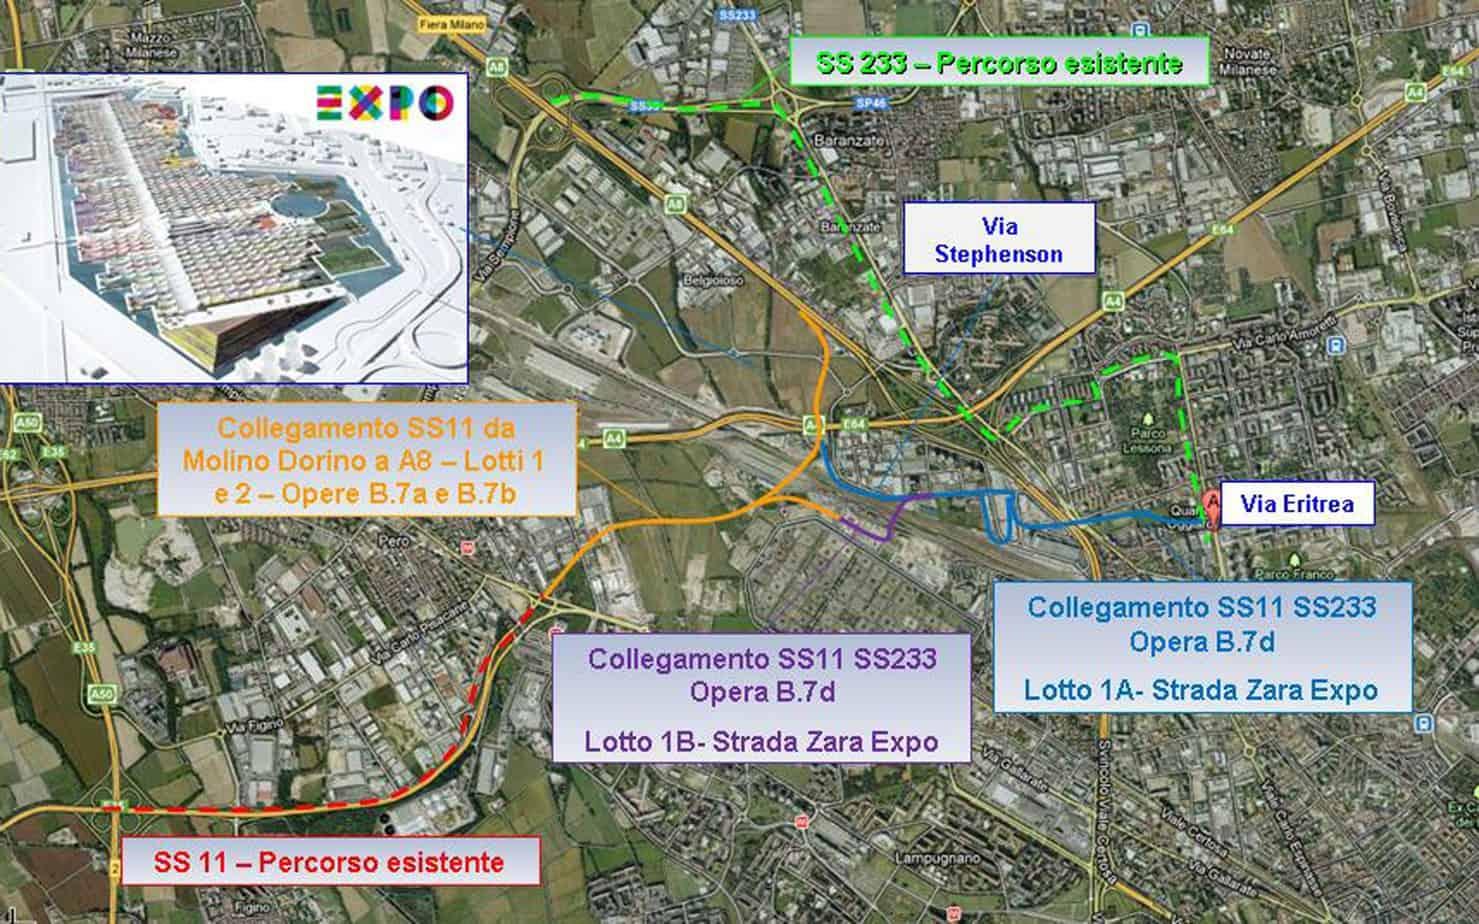 Il quadro di accessibilità viabilistica al sito Expo 2015: in blu la strada in costruzione da Via Eritrea e il sito espositivo